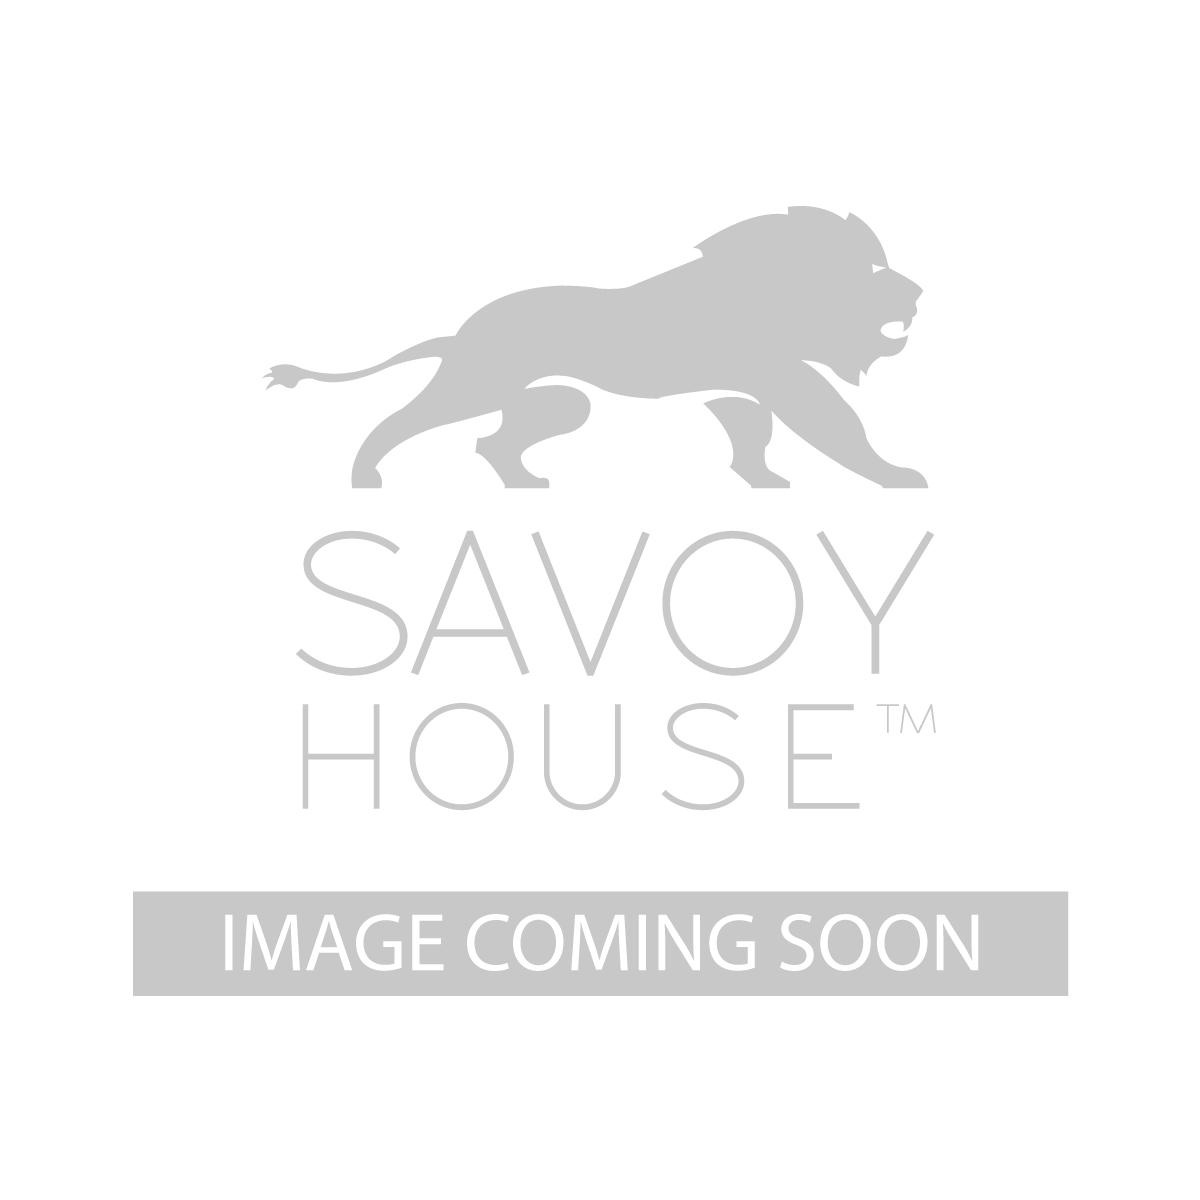 5 141 bk ellijay 9 inch steel wall lantern by savoy house for Www savoyhouse com